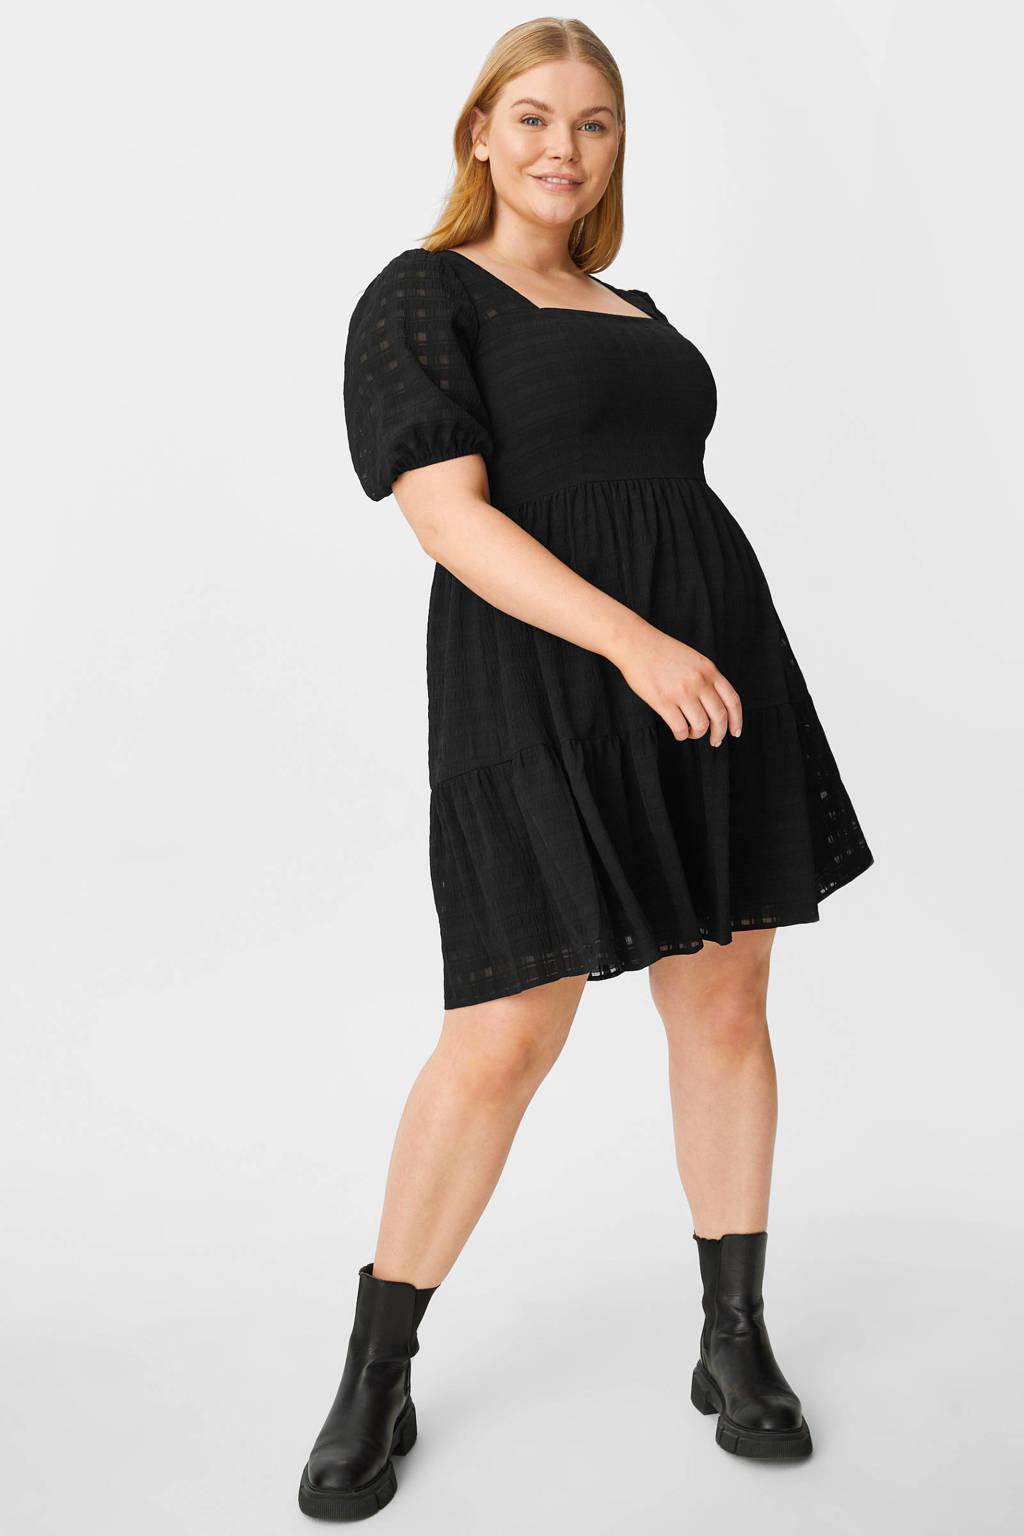 C&A Clockhouse geruite jurk zwart, Zwart